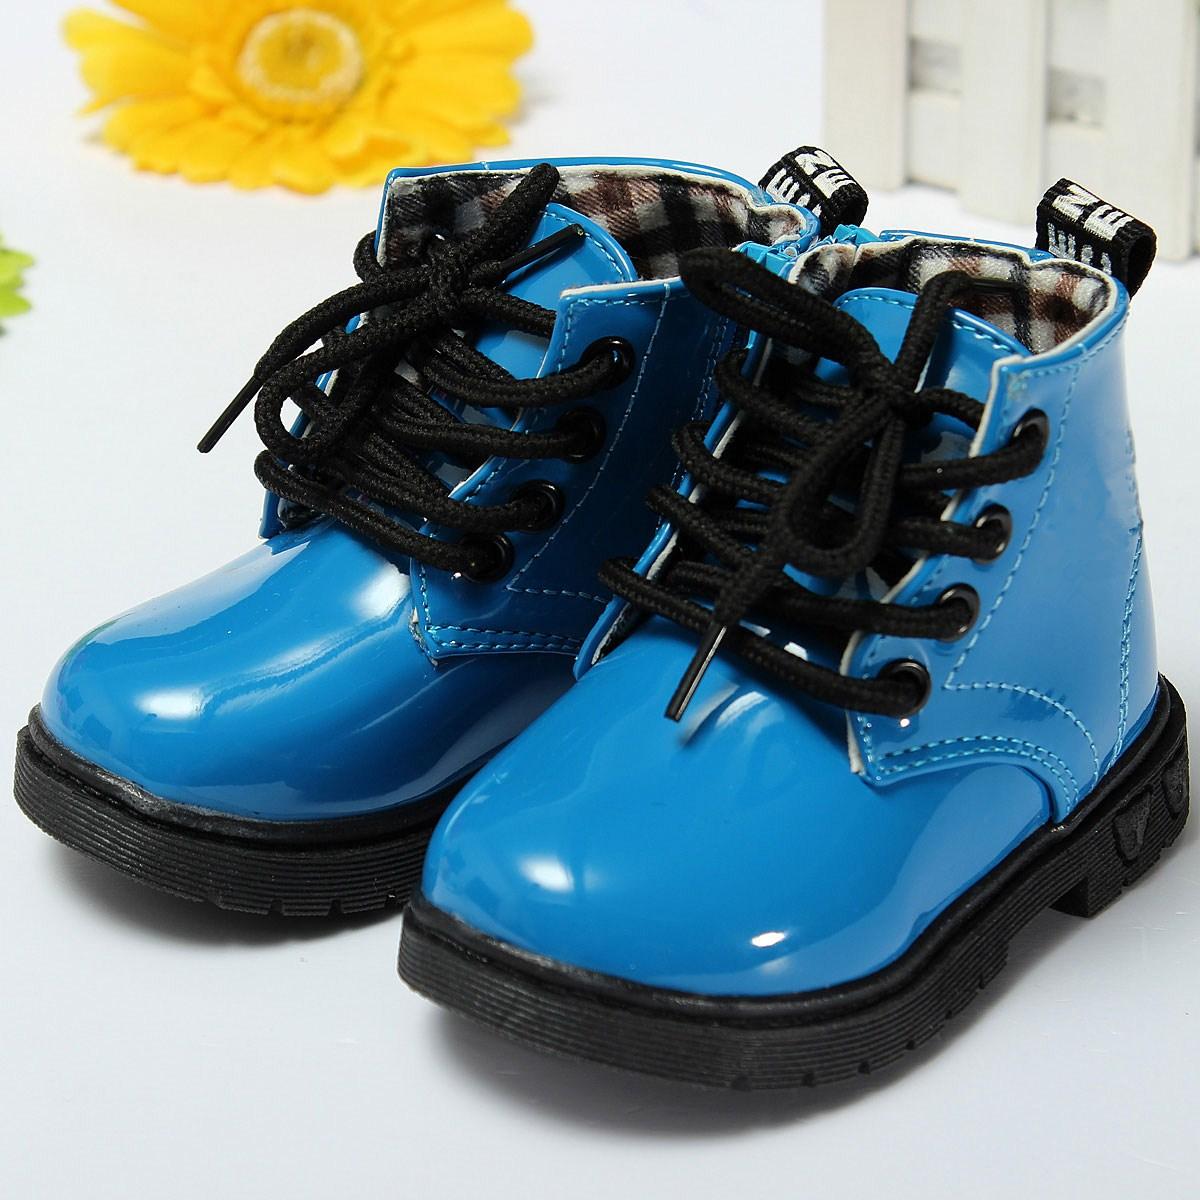 Kinderschuhe-Jungen-Maedchen-Stiefel-Sneaker-Schnuerer-Boots-Schuhe ...